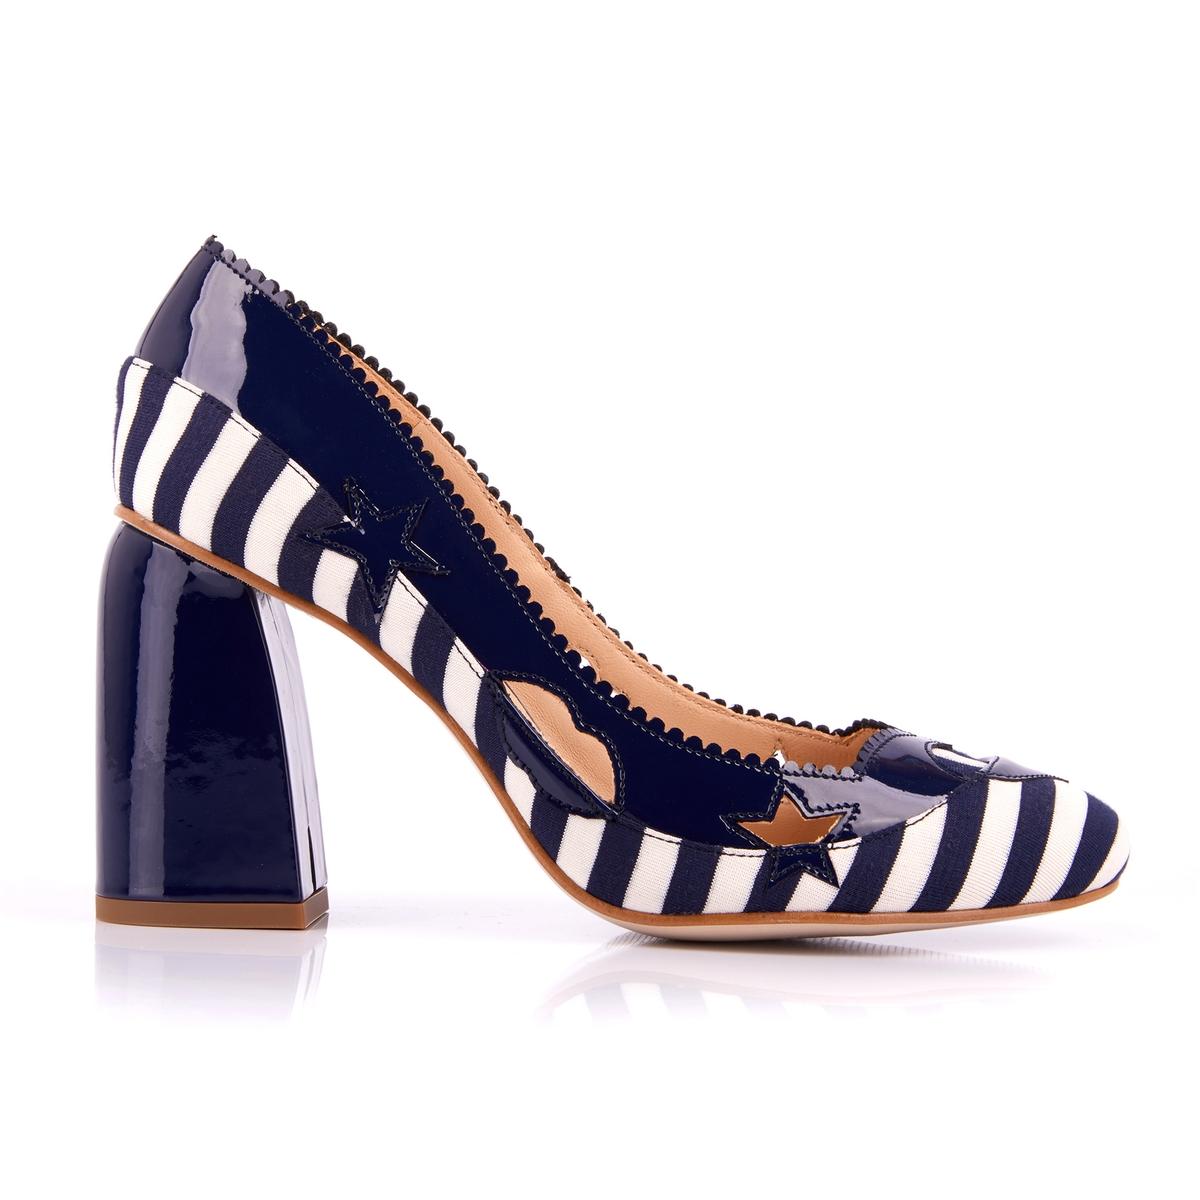 Sapatos envernizados com tacões largos